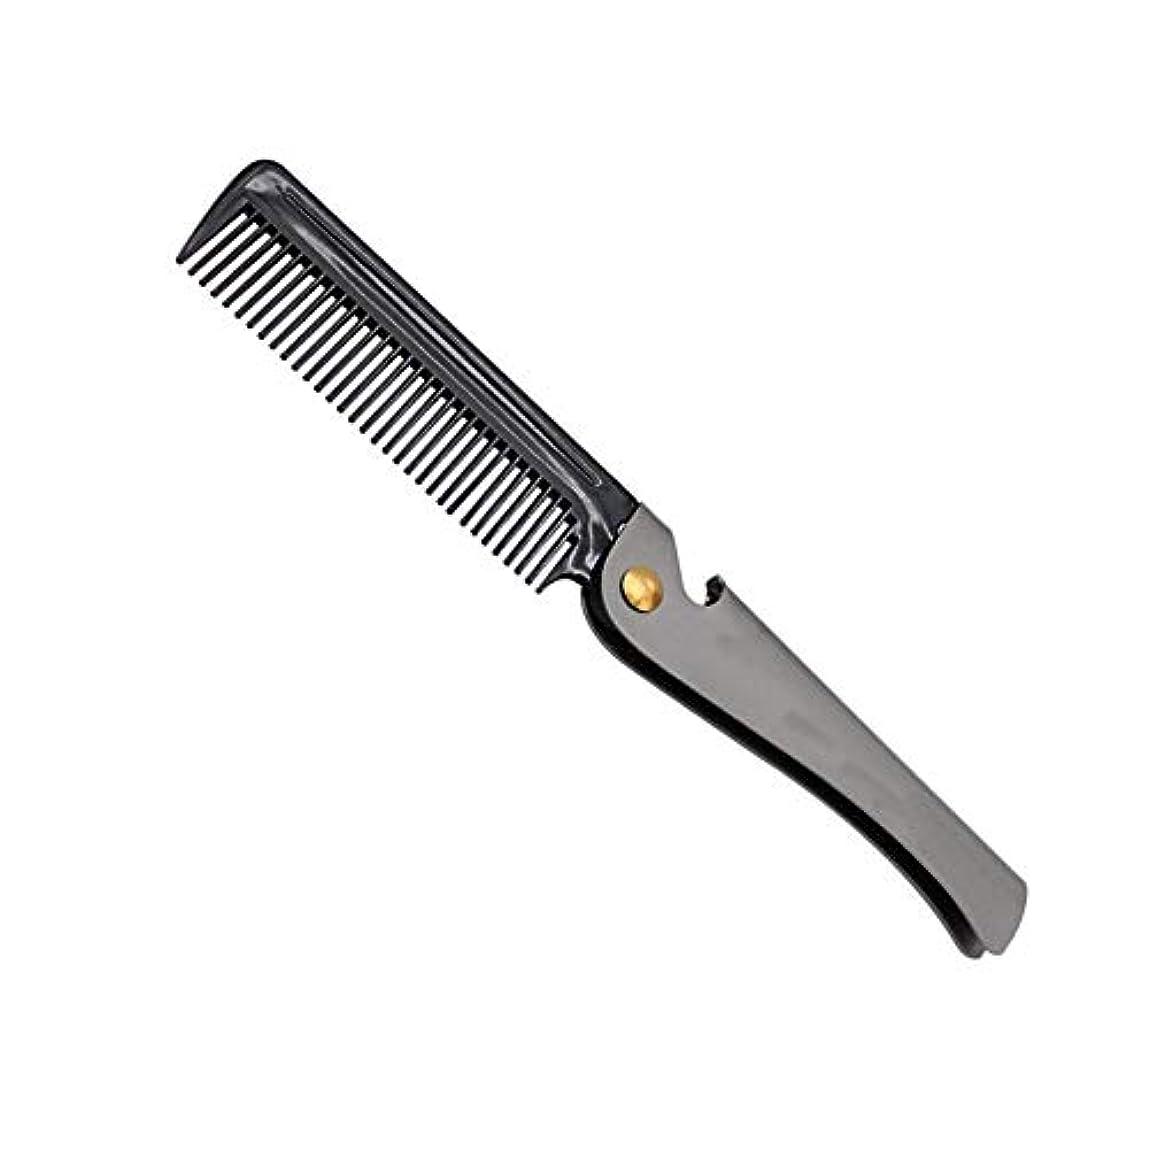 解決するペッカディロ非行メンズ 櫛 ステンレス コーム 折り畳み 携帯用 バタフライナイフ型 くし 持ち運び コンパクト ポケットサイズ 美容 理髪 ナイフブラシ 誕生日 プレゼント